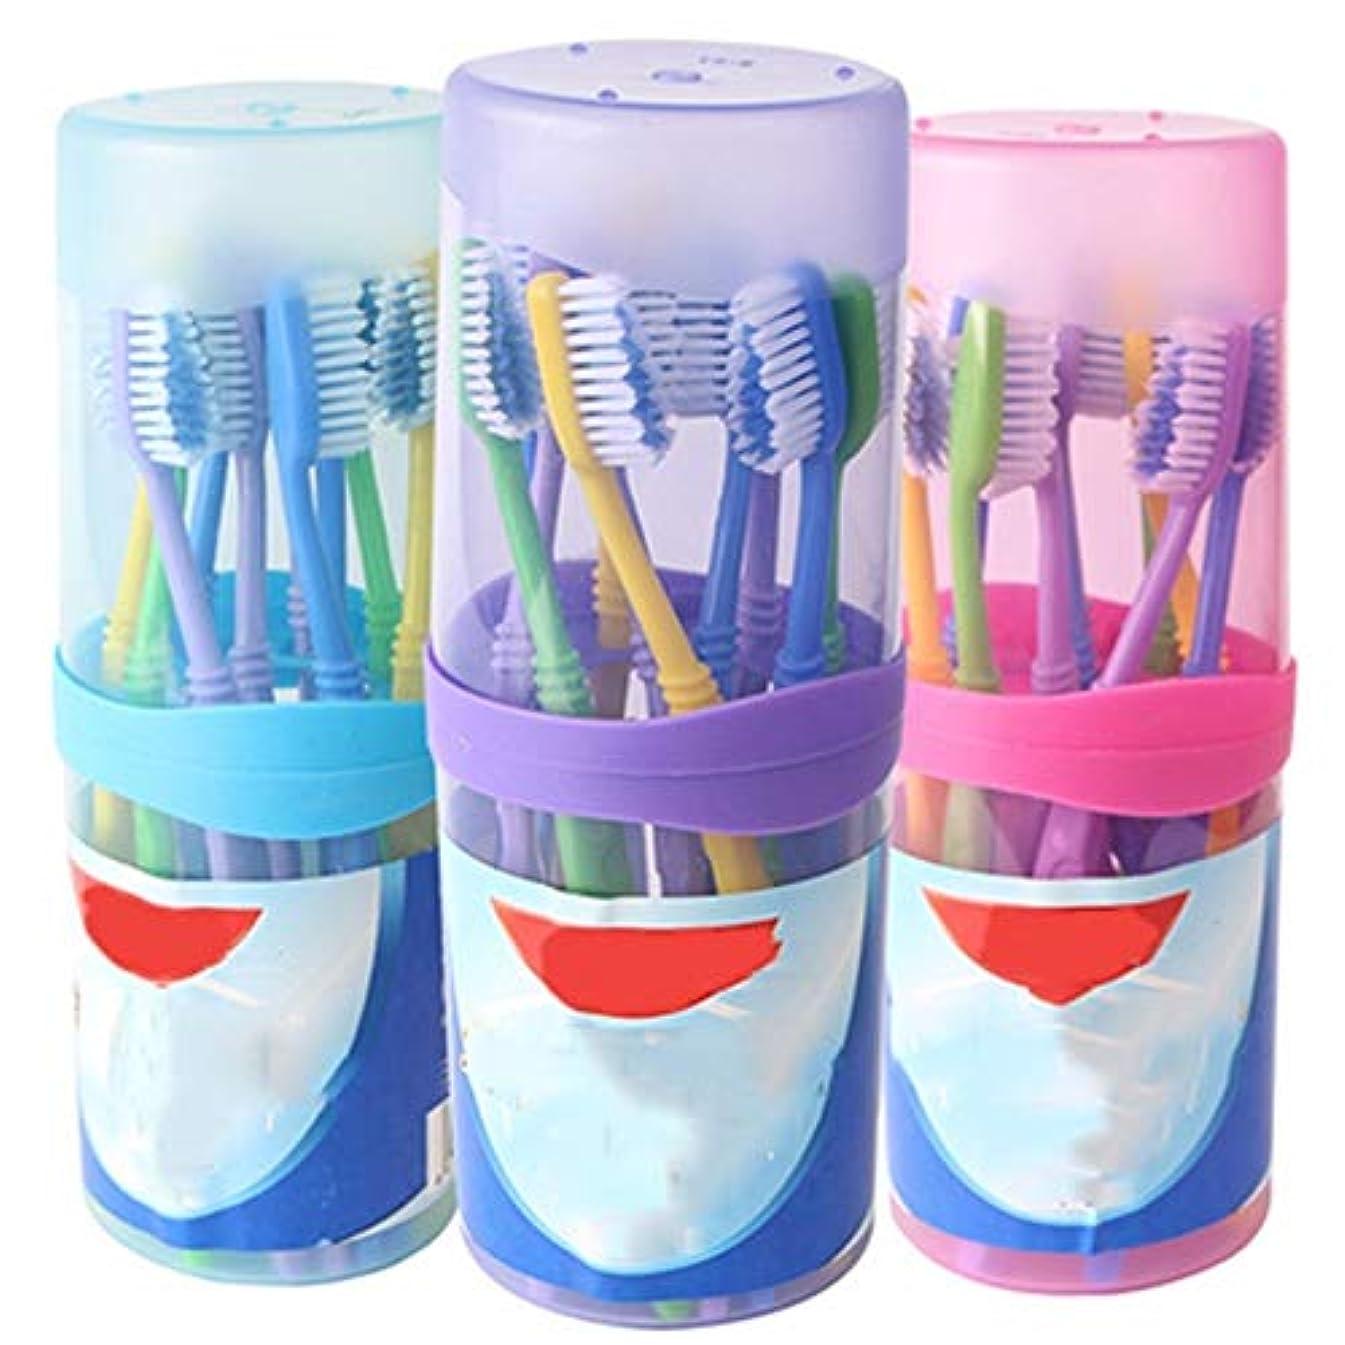 想像力豊かな巨大より良い歯ブラシ 30本の歯ブラシ、バルク大人歯ブラシ、歯茎のためのクリーンタルタルとケア - 使用可能なスタイルの2種類 HL (色 : A, サイズ : 30 packs)